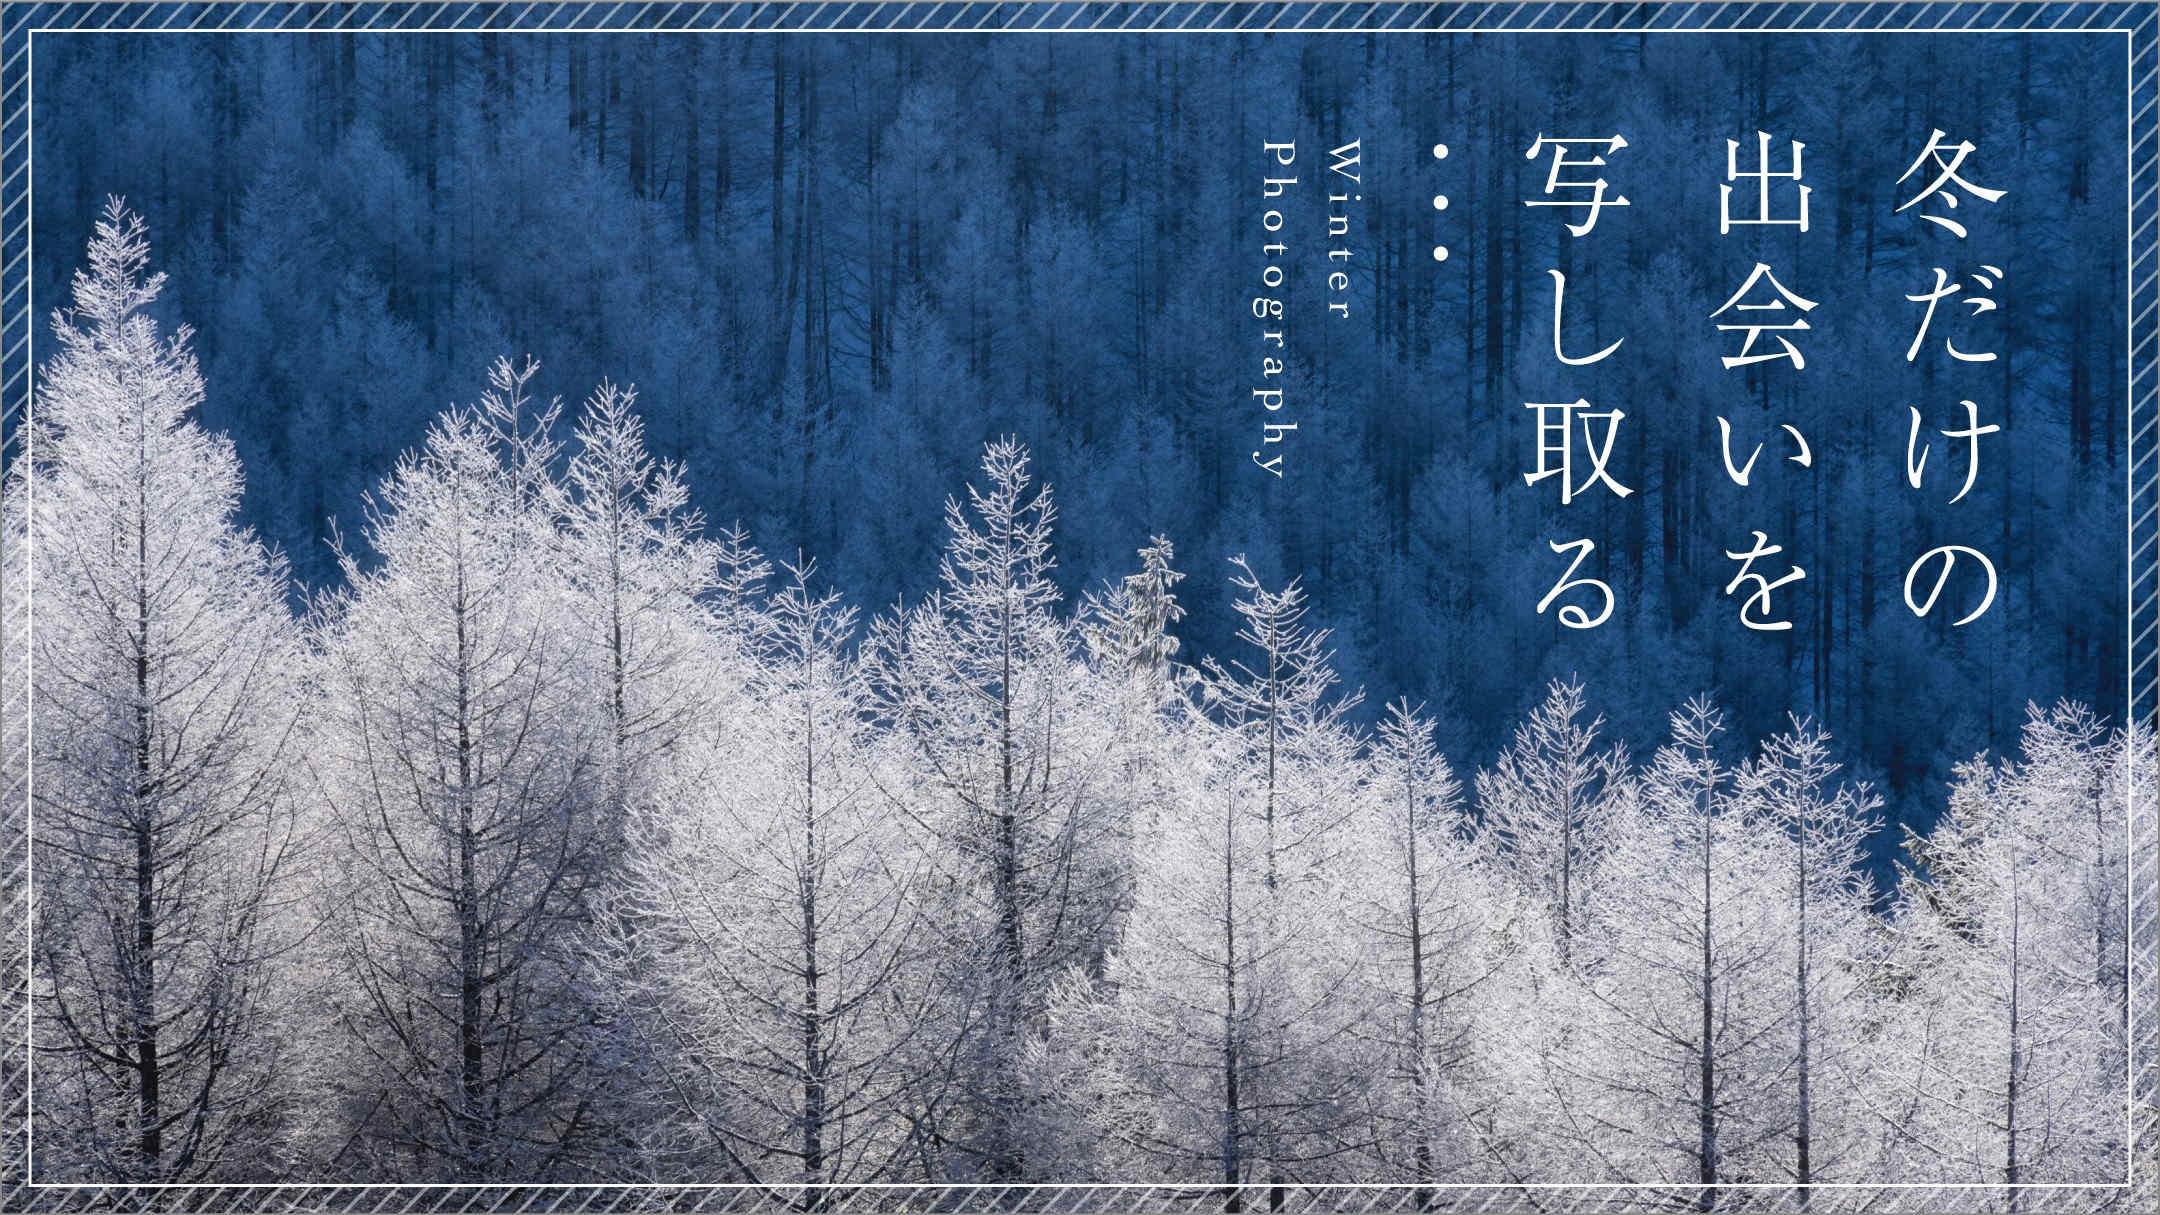 冬にだけ出会える被写体の撮り方 - 雪・風景・光を生かすアイデア6選